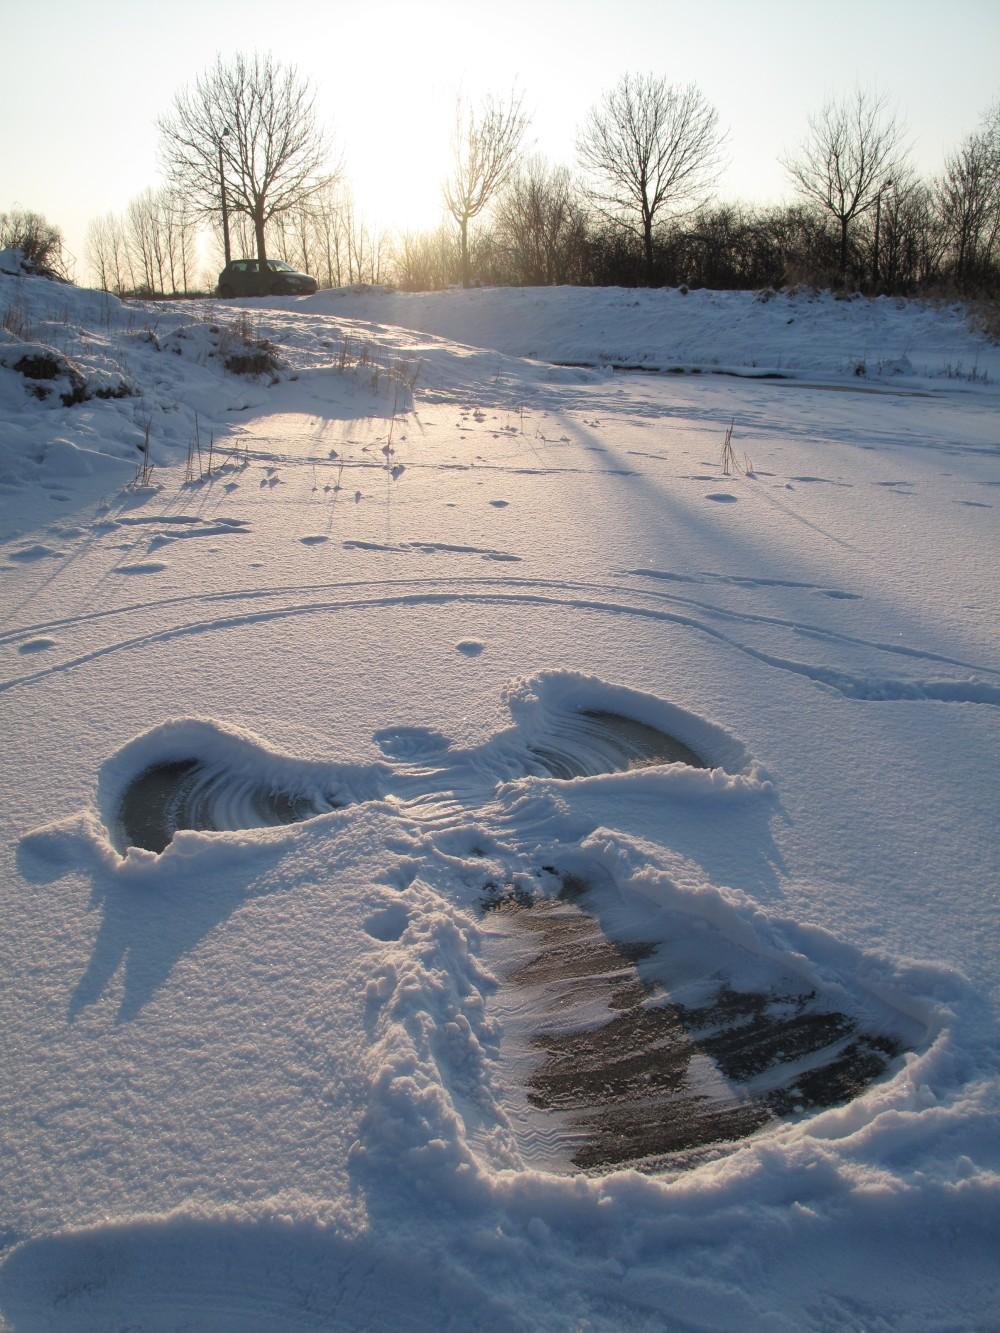 Rückblick auf einen kurzen Winter